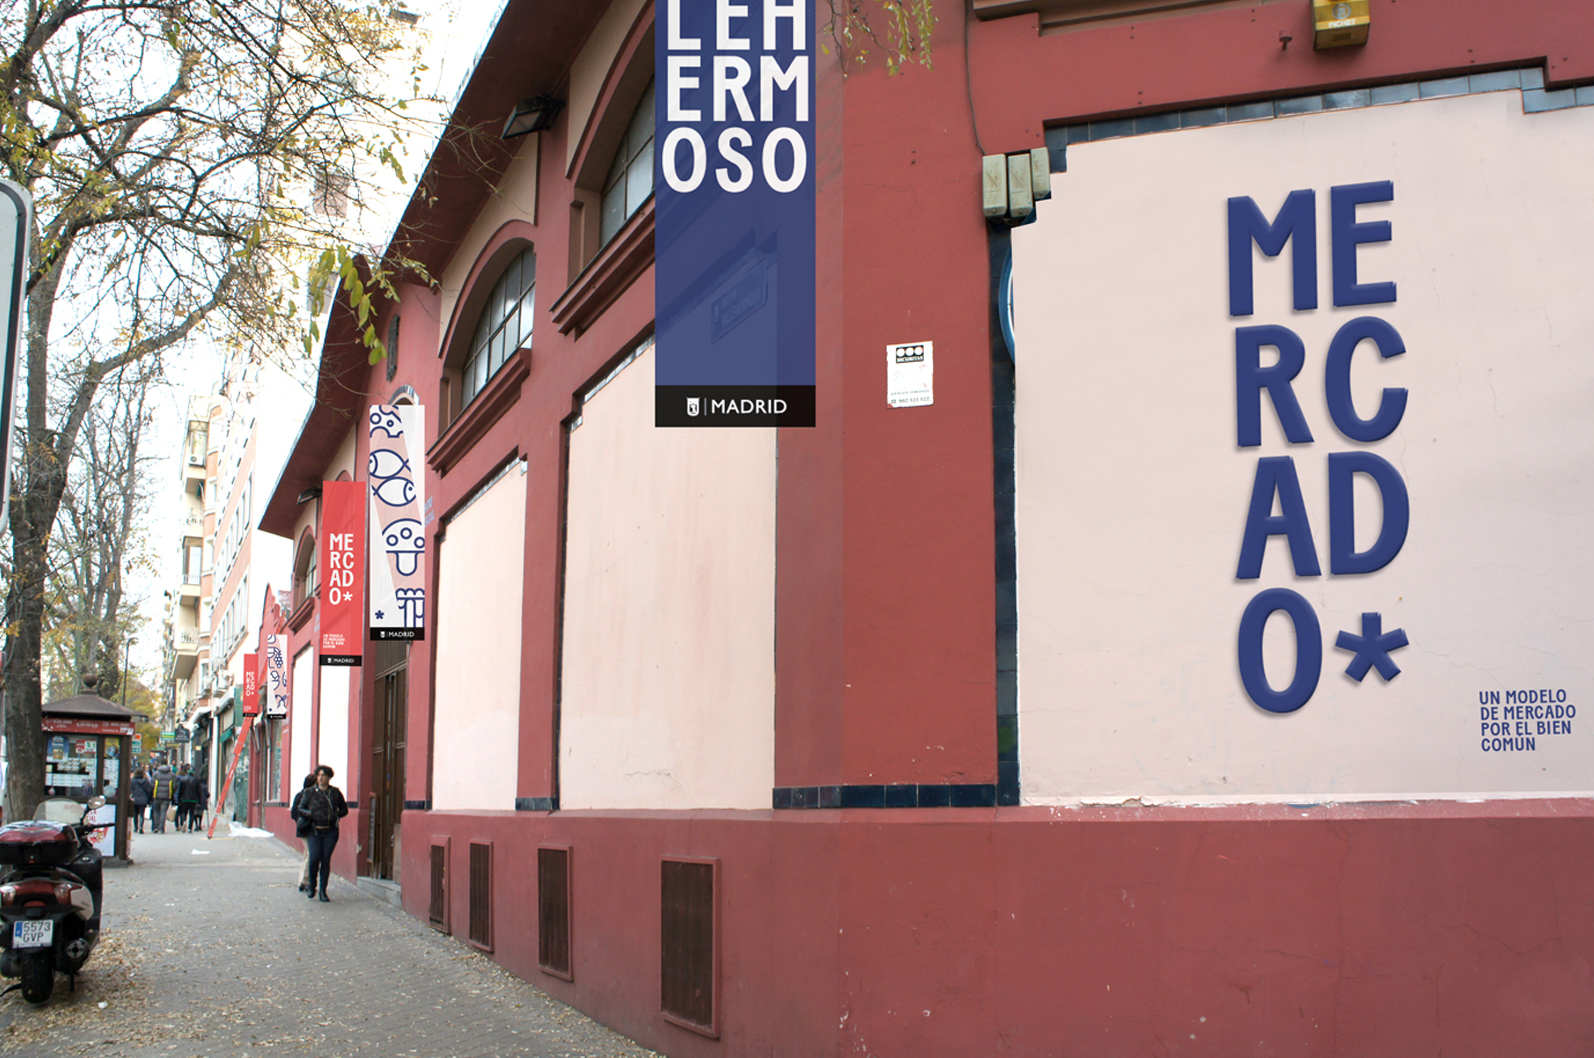 Mercado-vallehermoso-espinosa-31